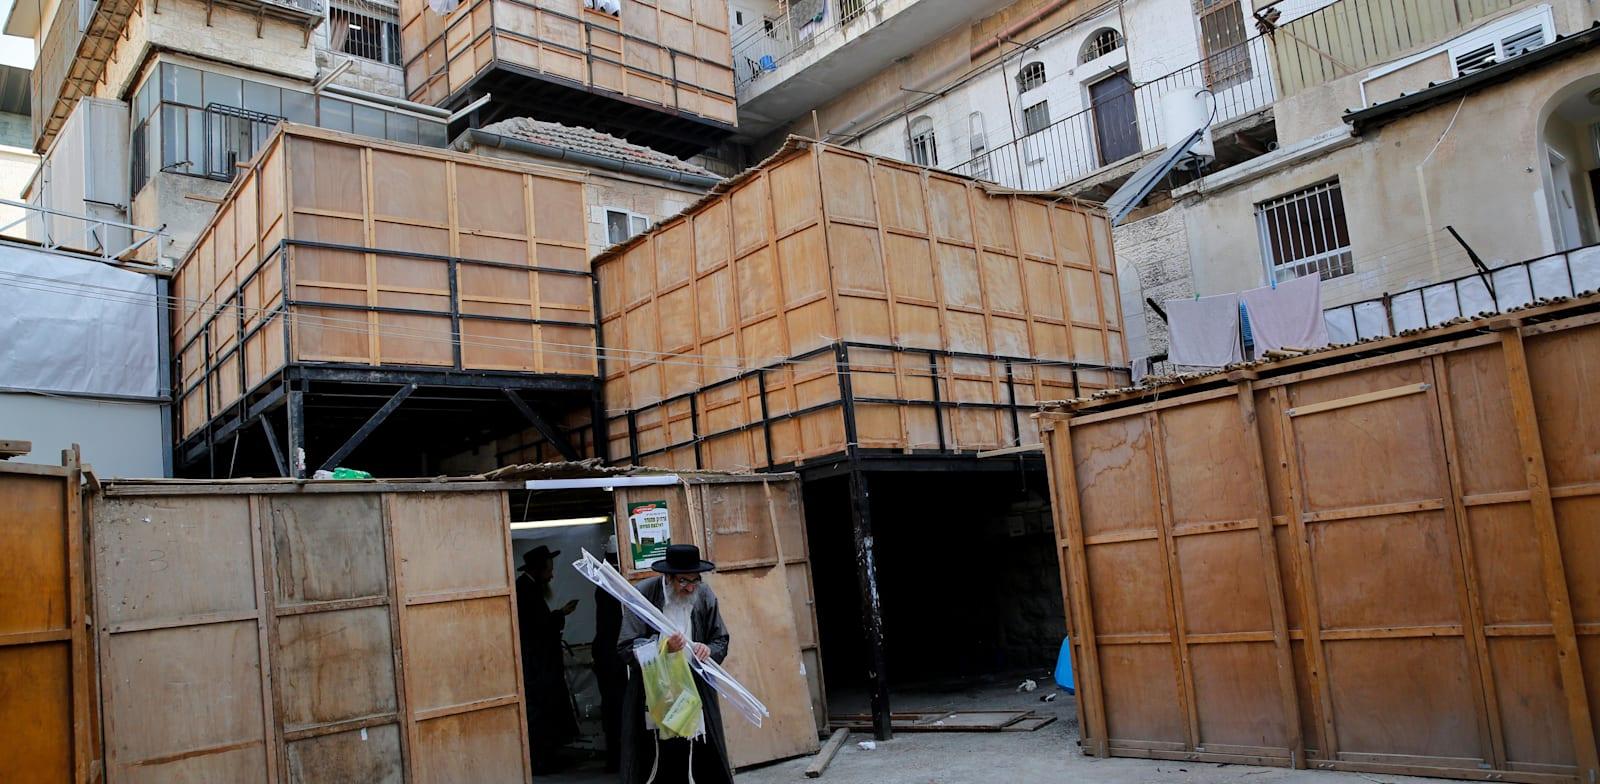 סוכות בירושלים. התעשייה סביב בנייתן מתחילה כבר באלול / צילום: Shutterstock, א.ס.א.פ קריאייטיב